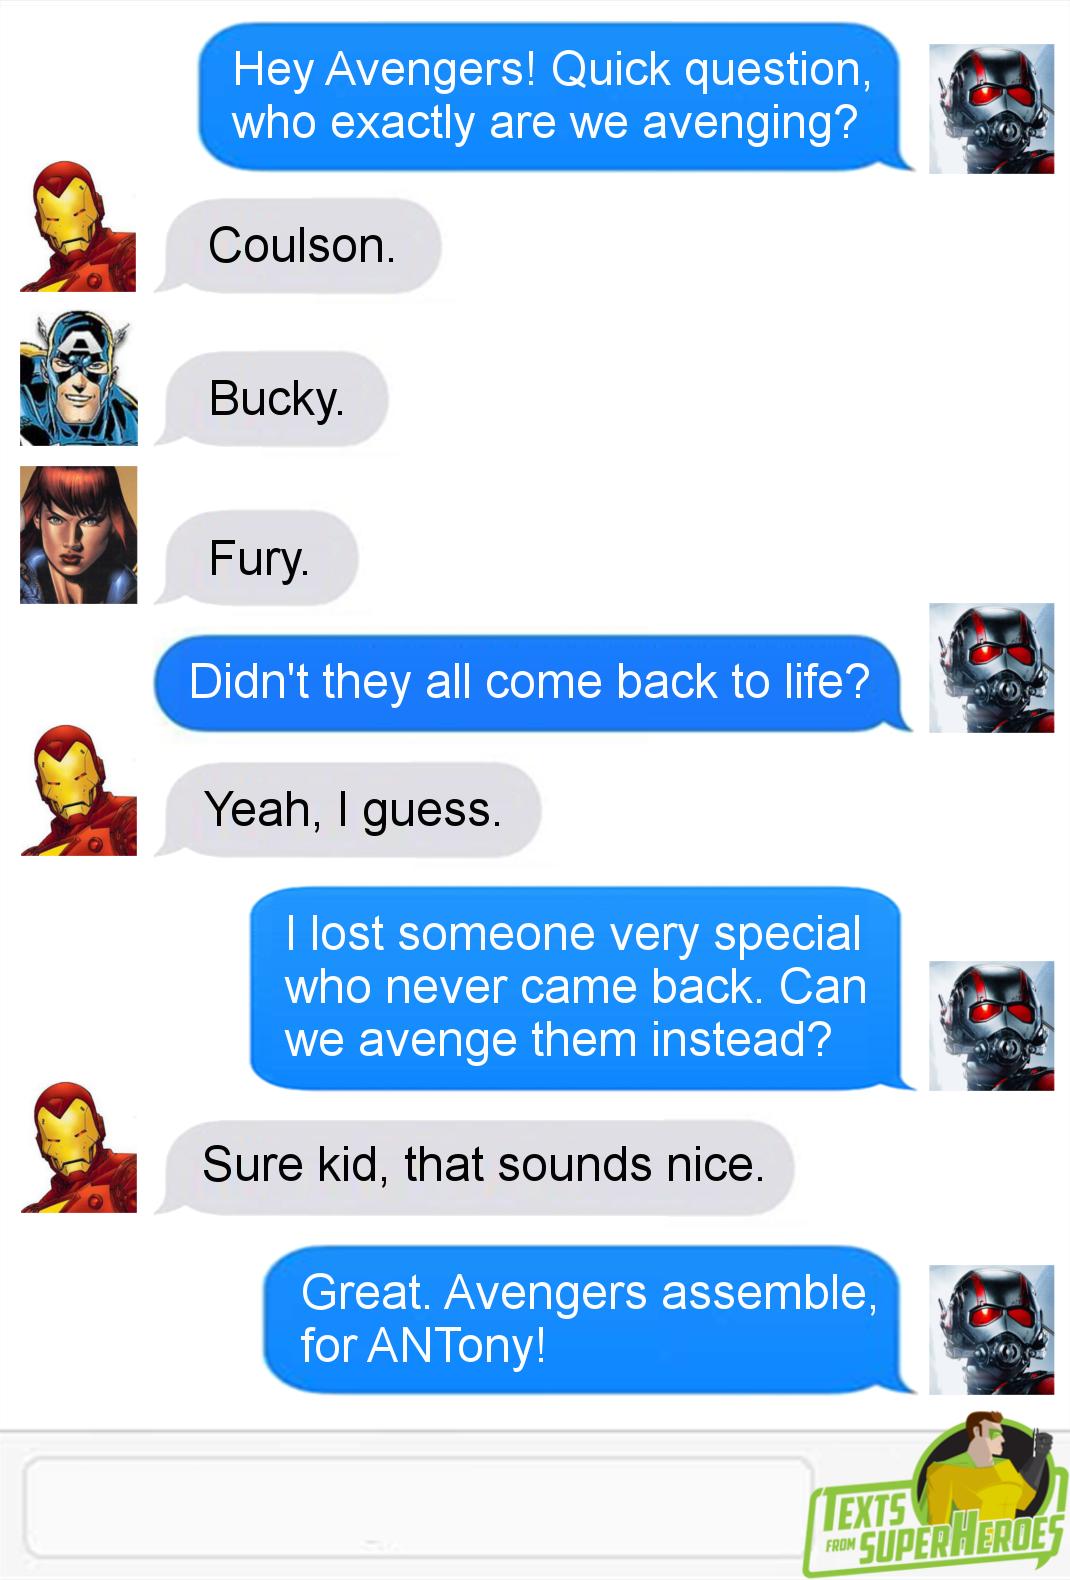 ANTony Avengers